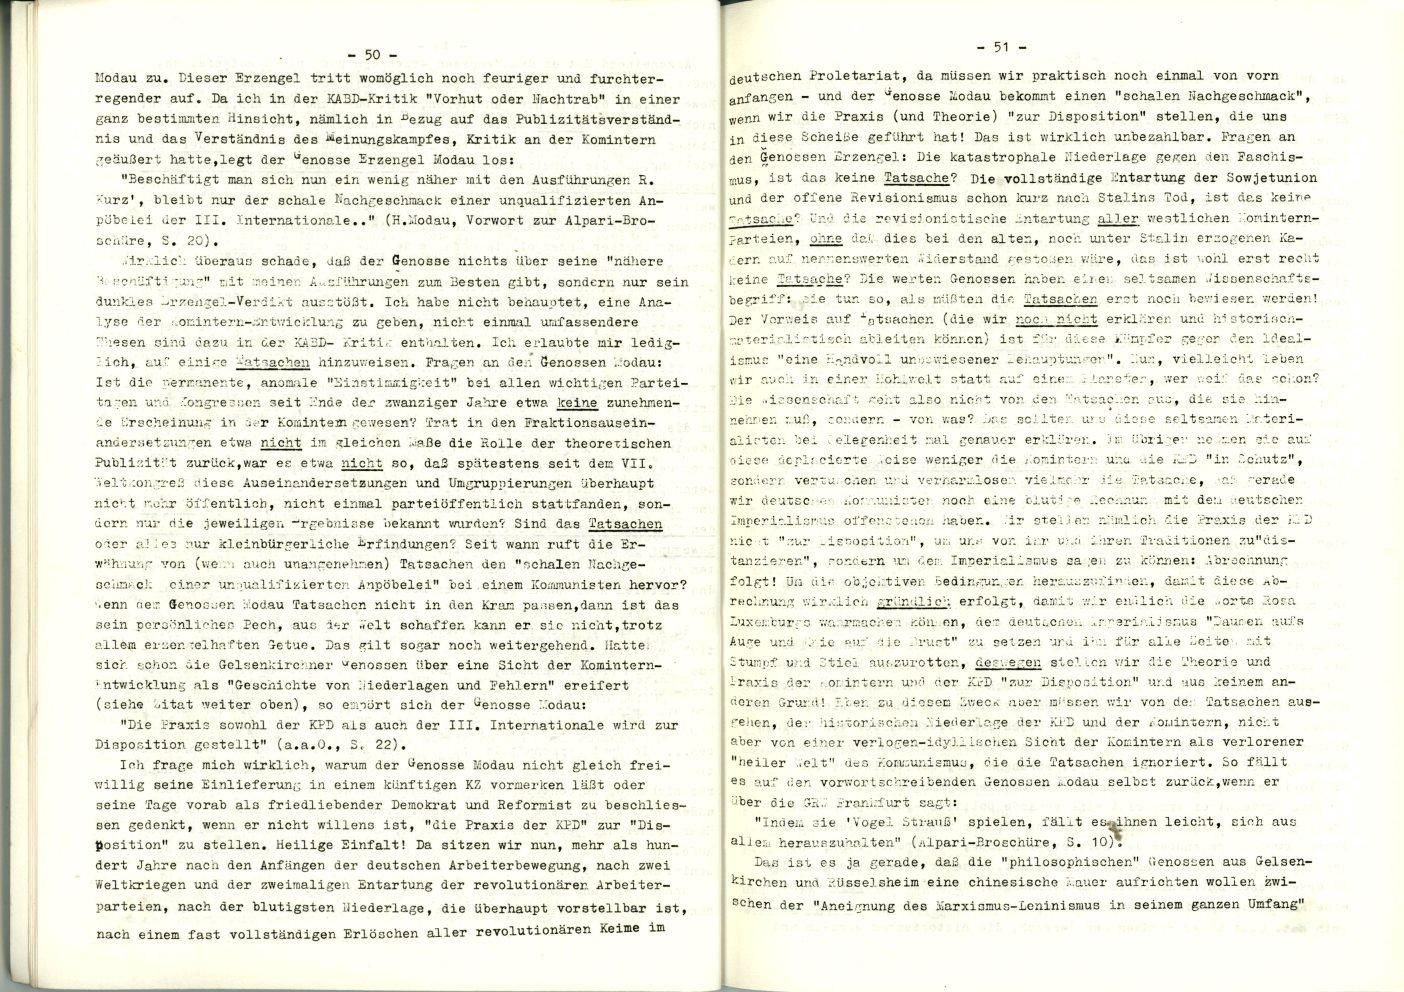 Nuernberg_Fuerth_Erlangen_ML_Diskussionsbeitraege_1979_02_26